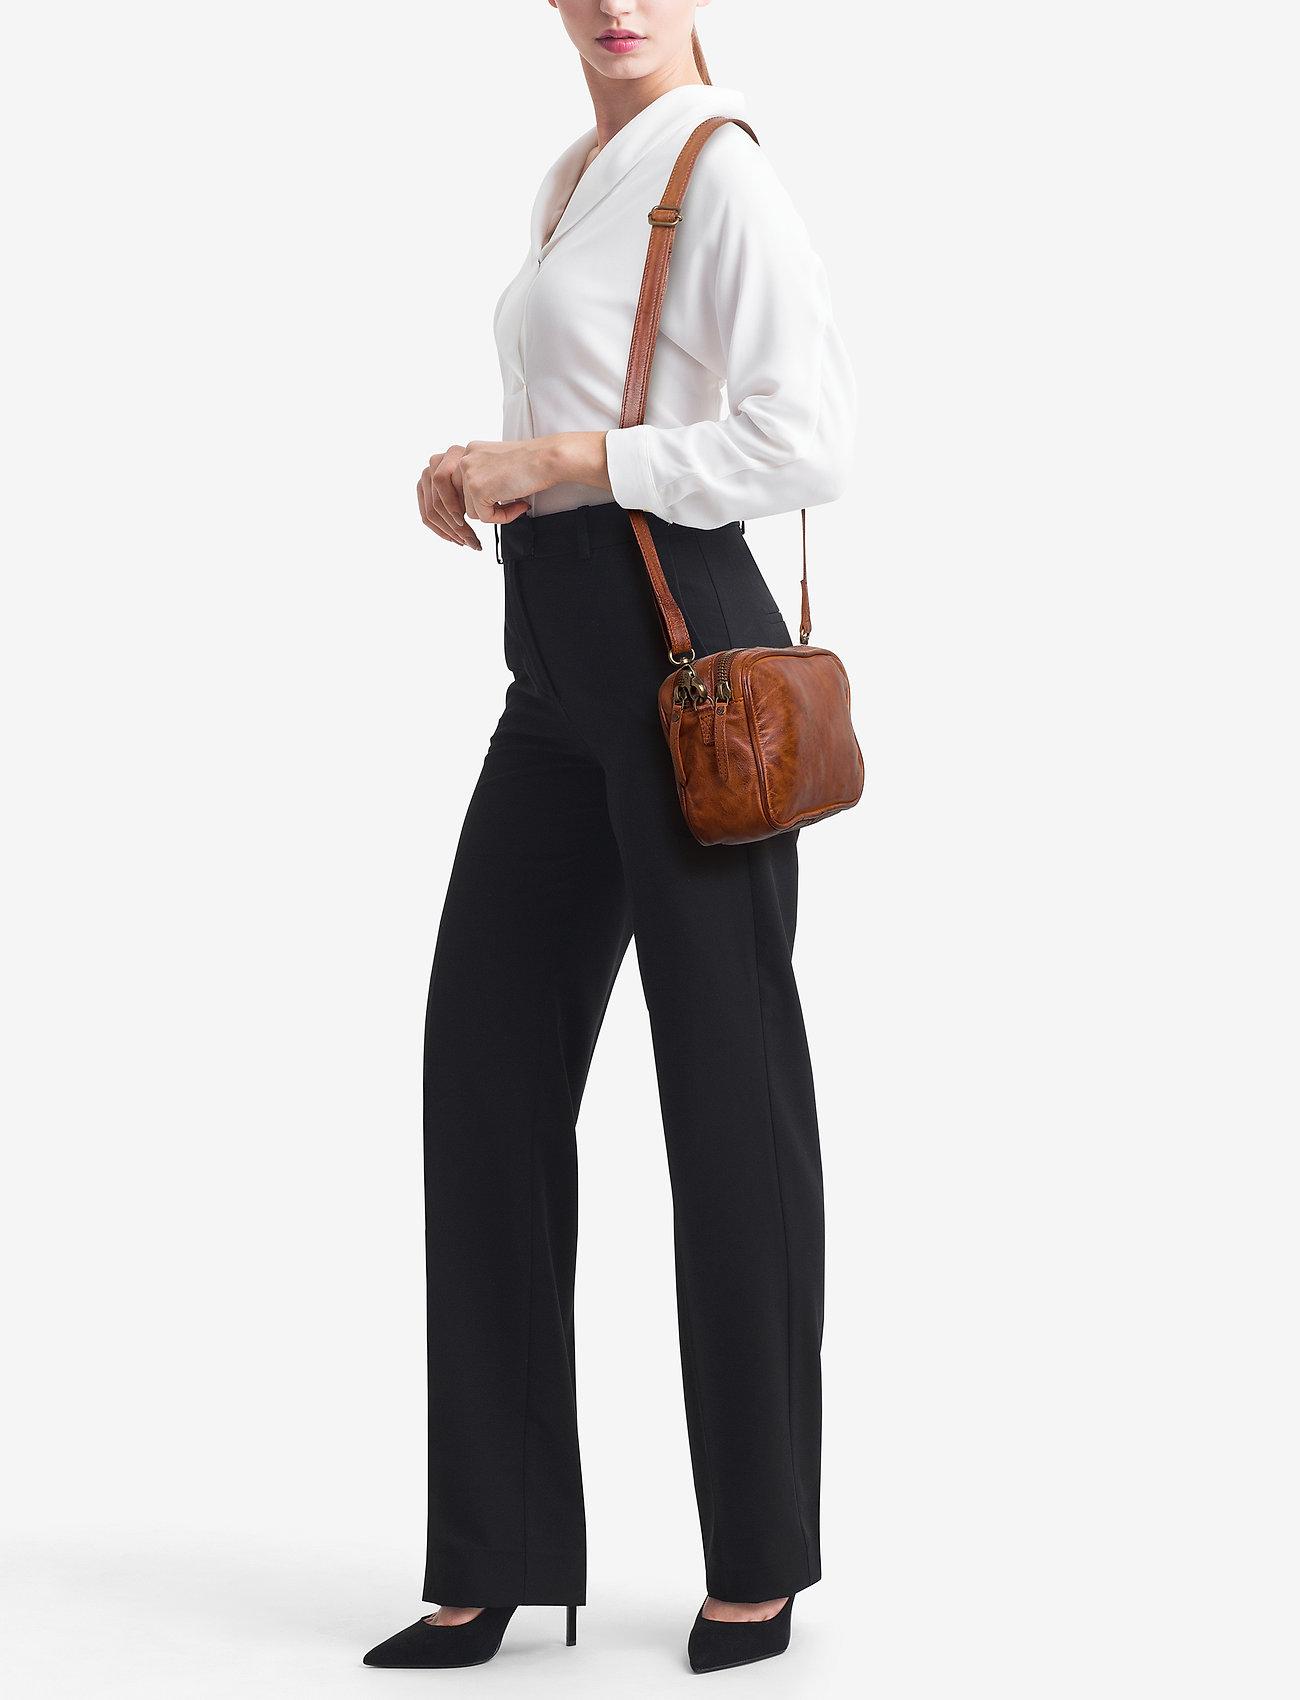 DEPECHE Small bag / Clutch - VINTAGE COGNAC